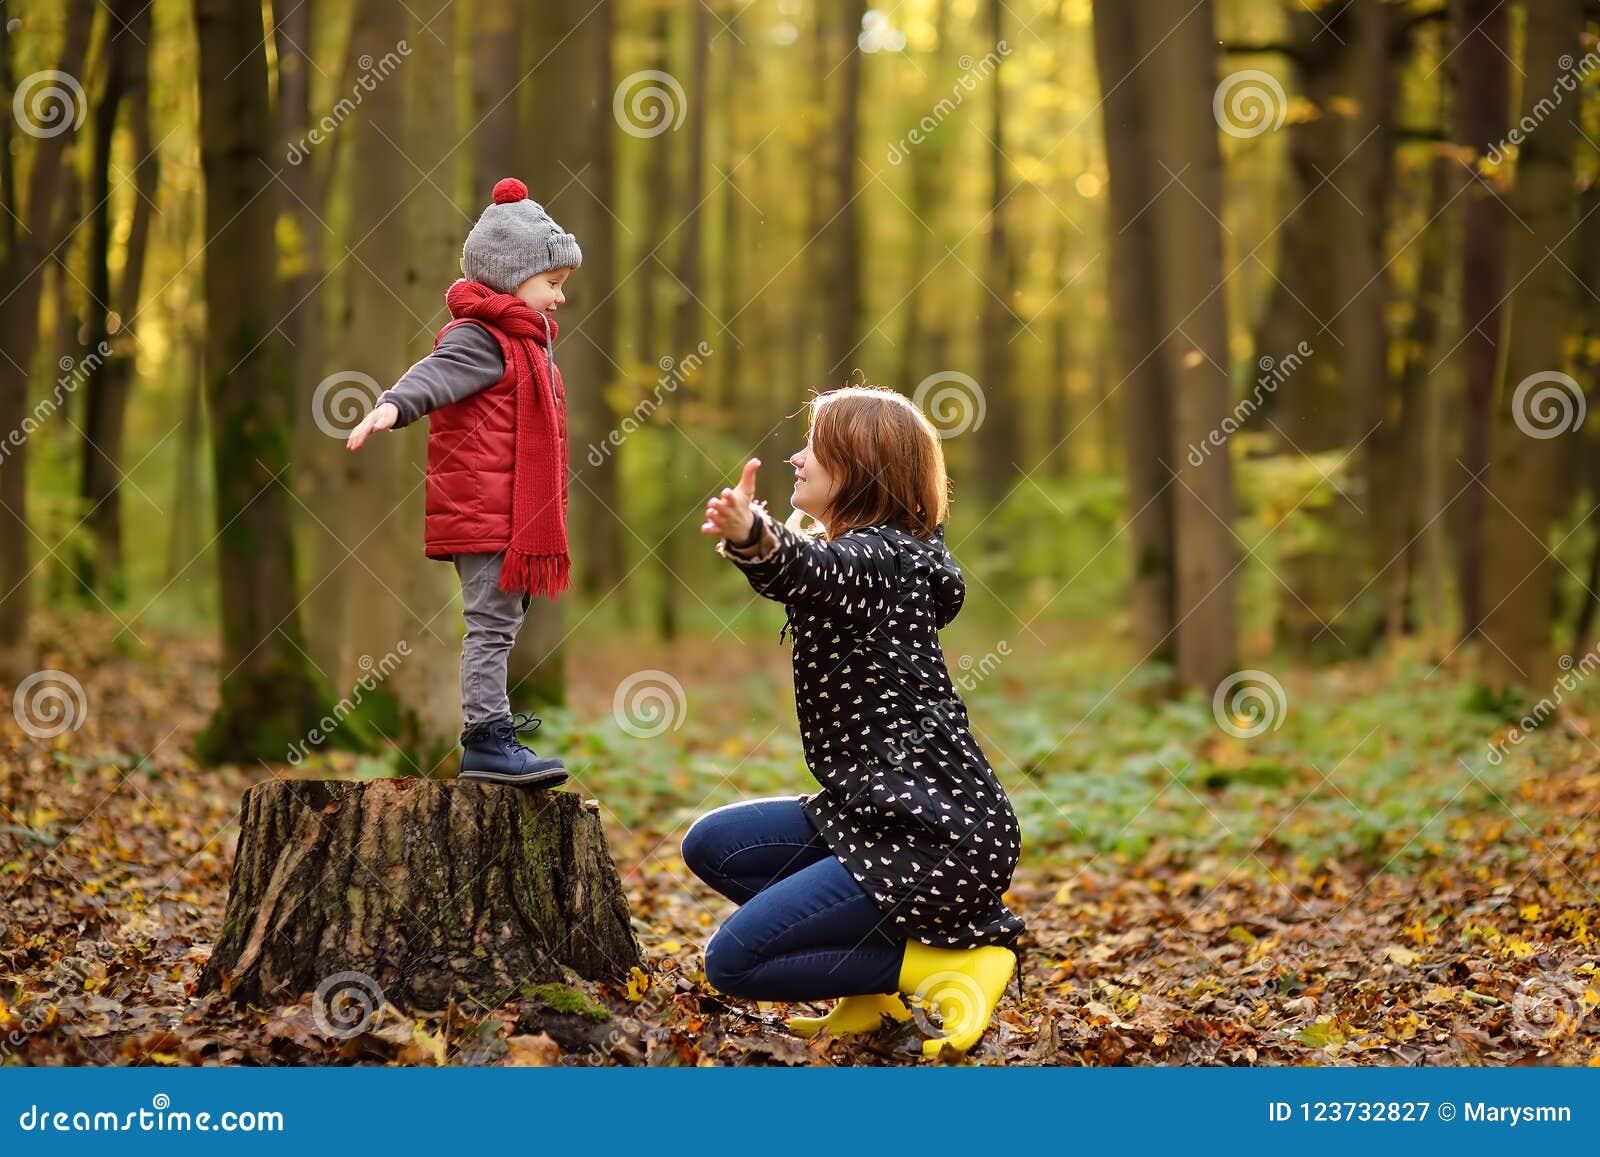 Weinig jongen met zijn jonge moeder tijdens wandeling in het bos